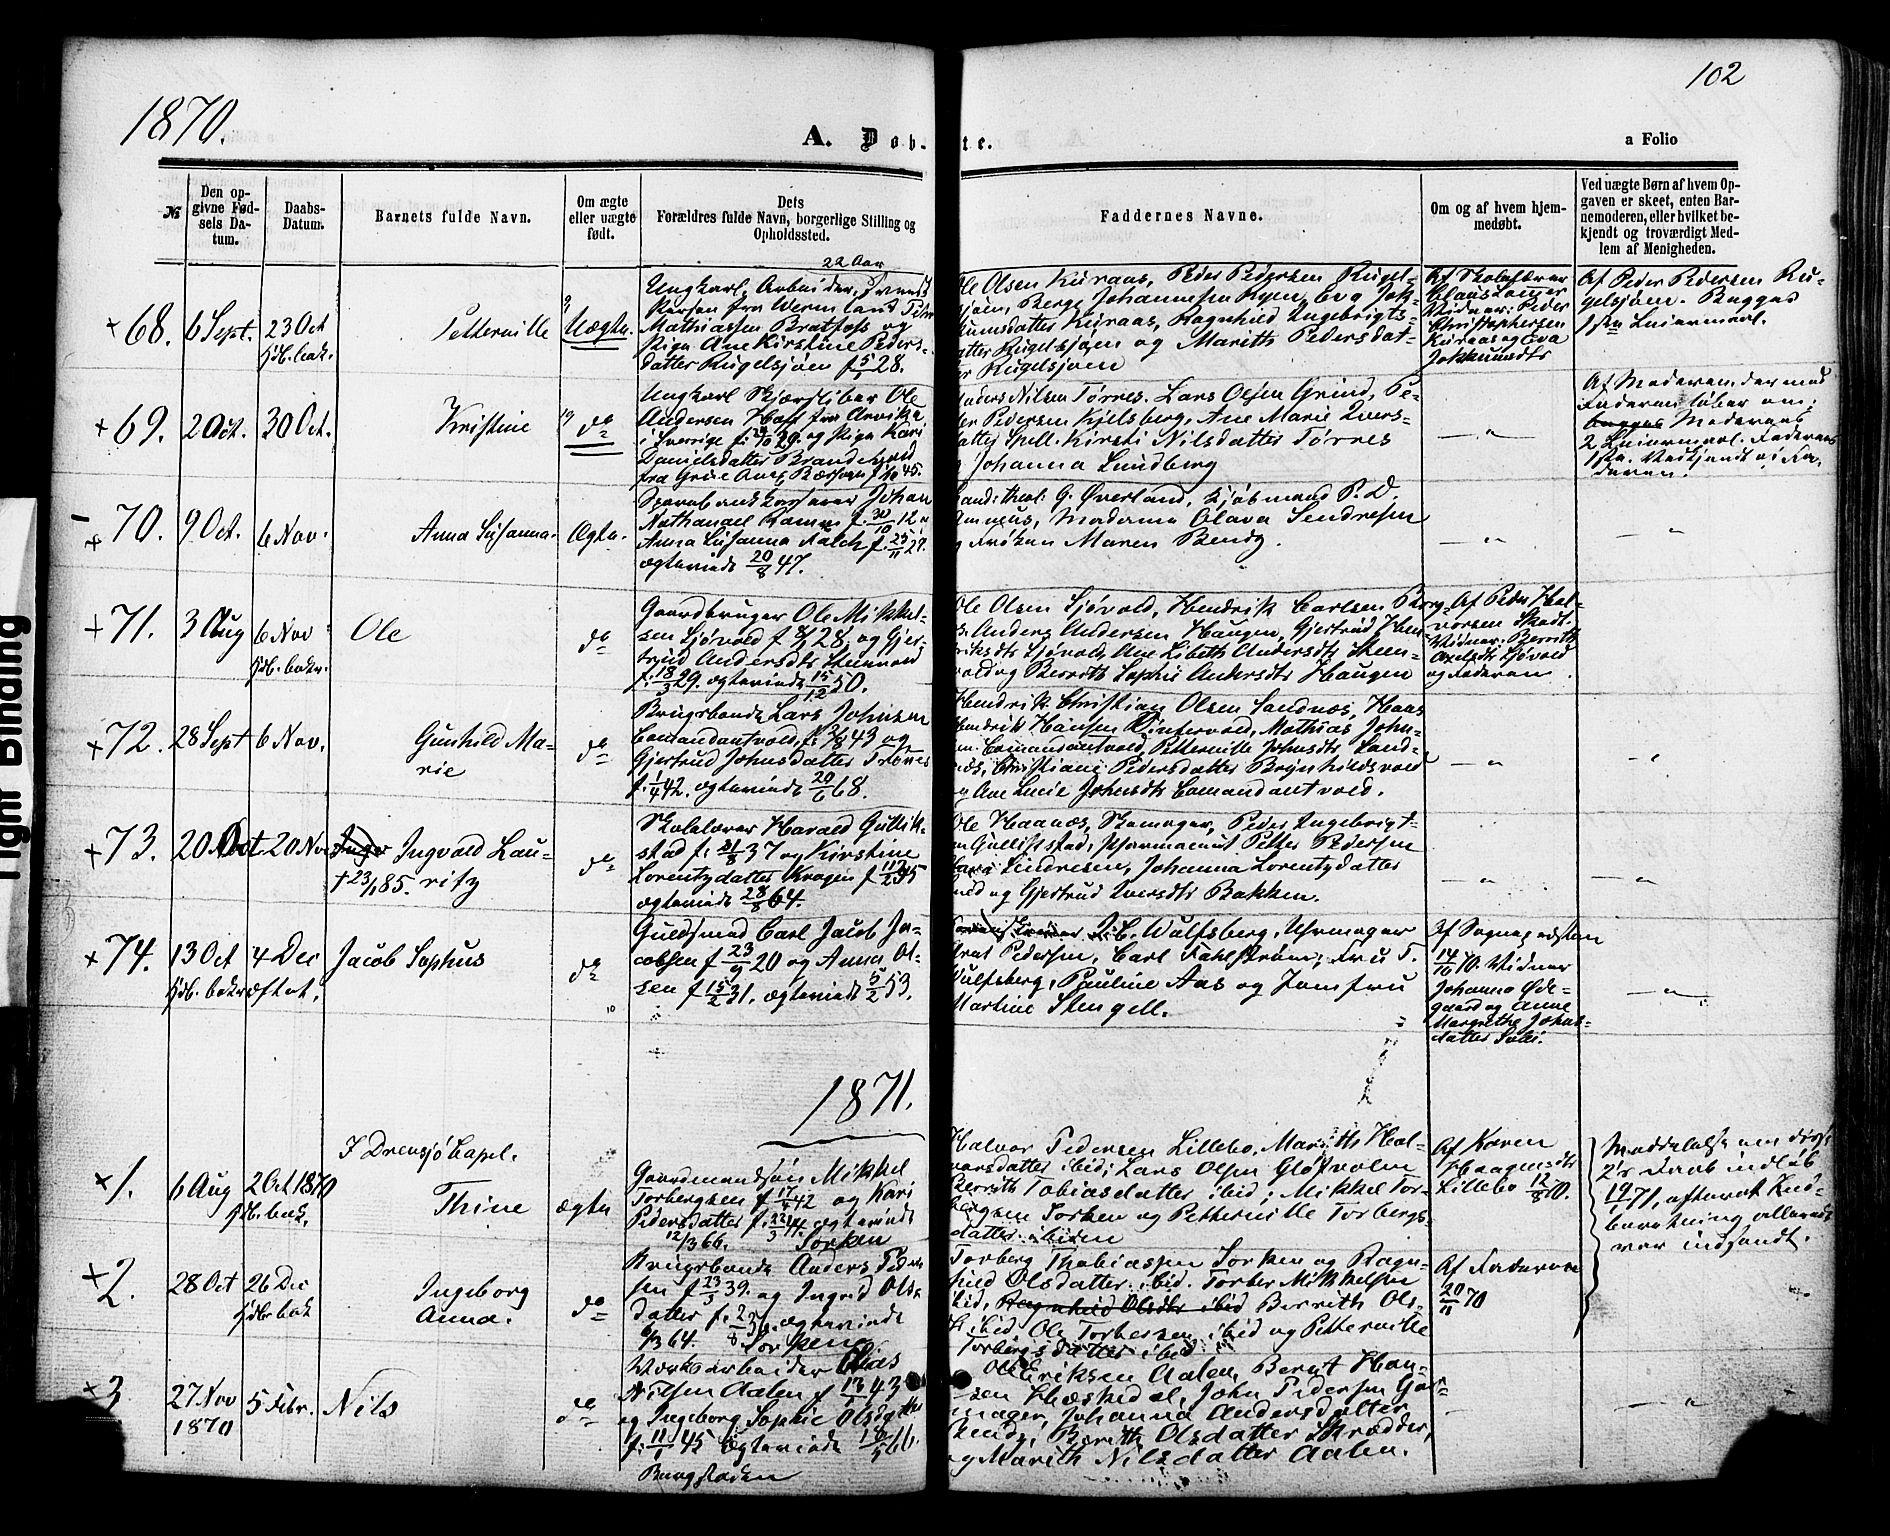 SAT, Ministerialprotokoller, klokkerbøker og fødselsregistre - Sør-Trøndelag, 681/L0932: Ministerialbok nr. 681A10, 1860-1878, s. 102